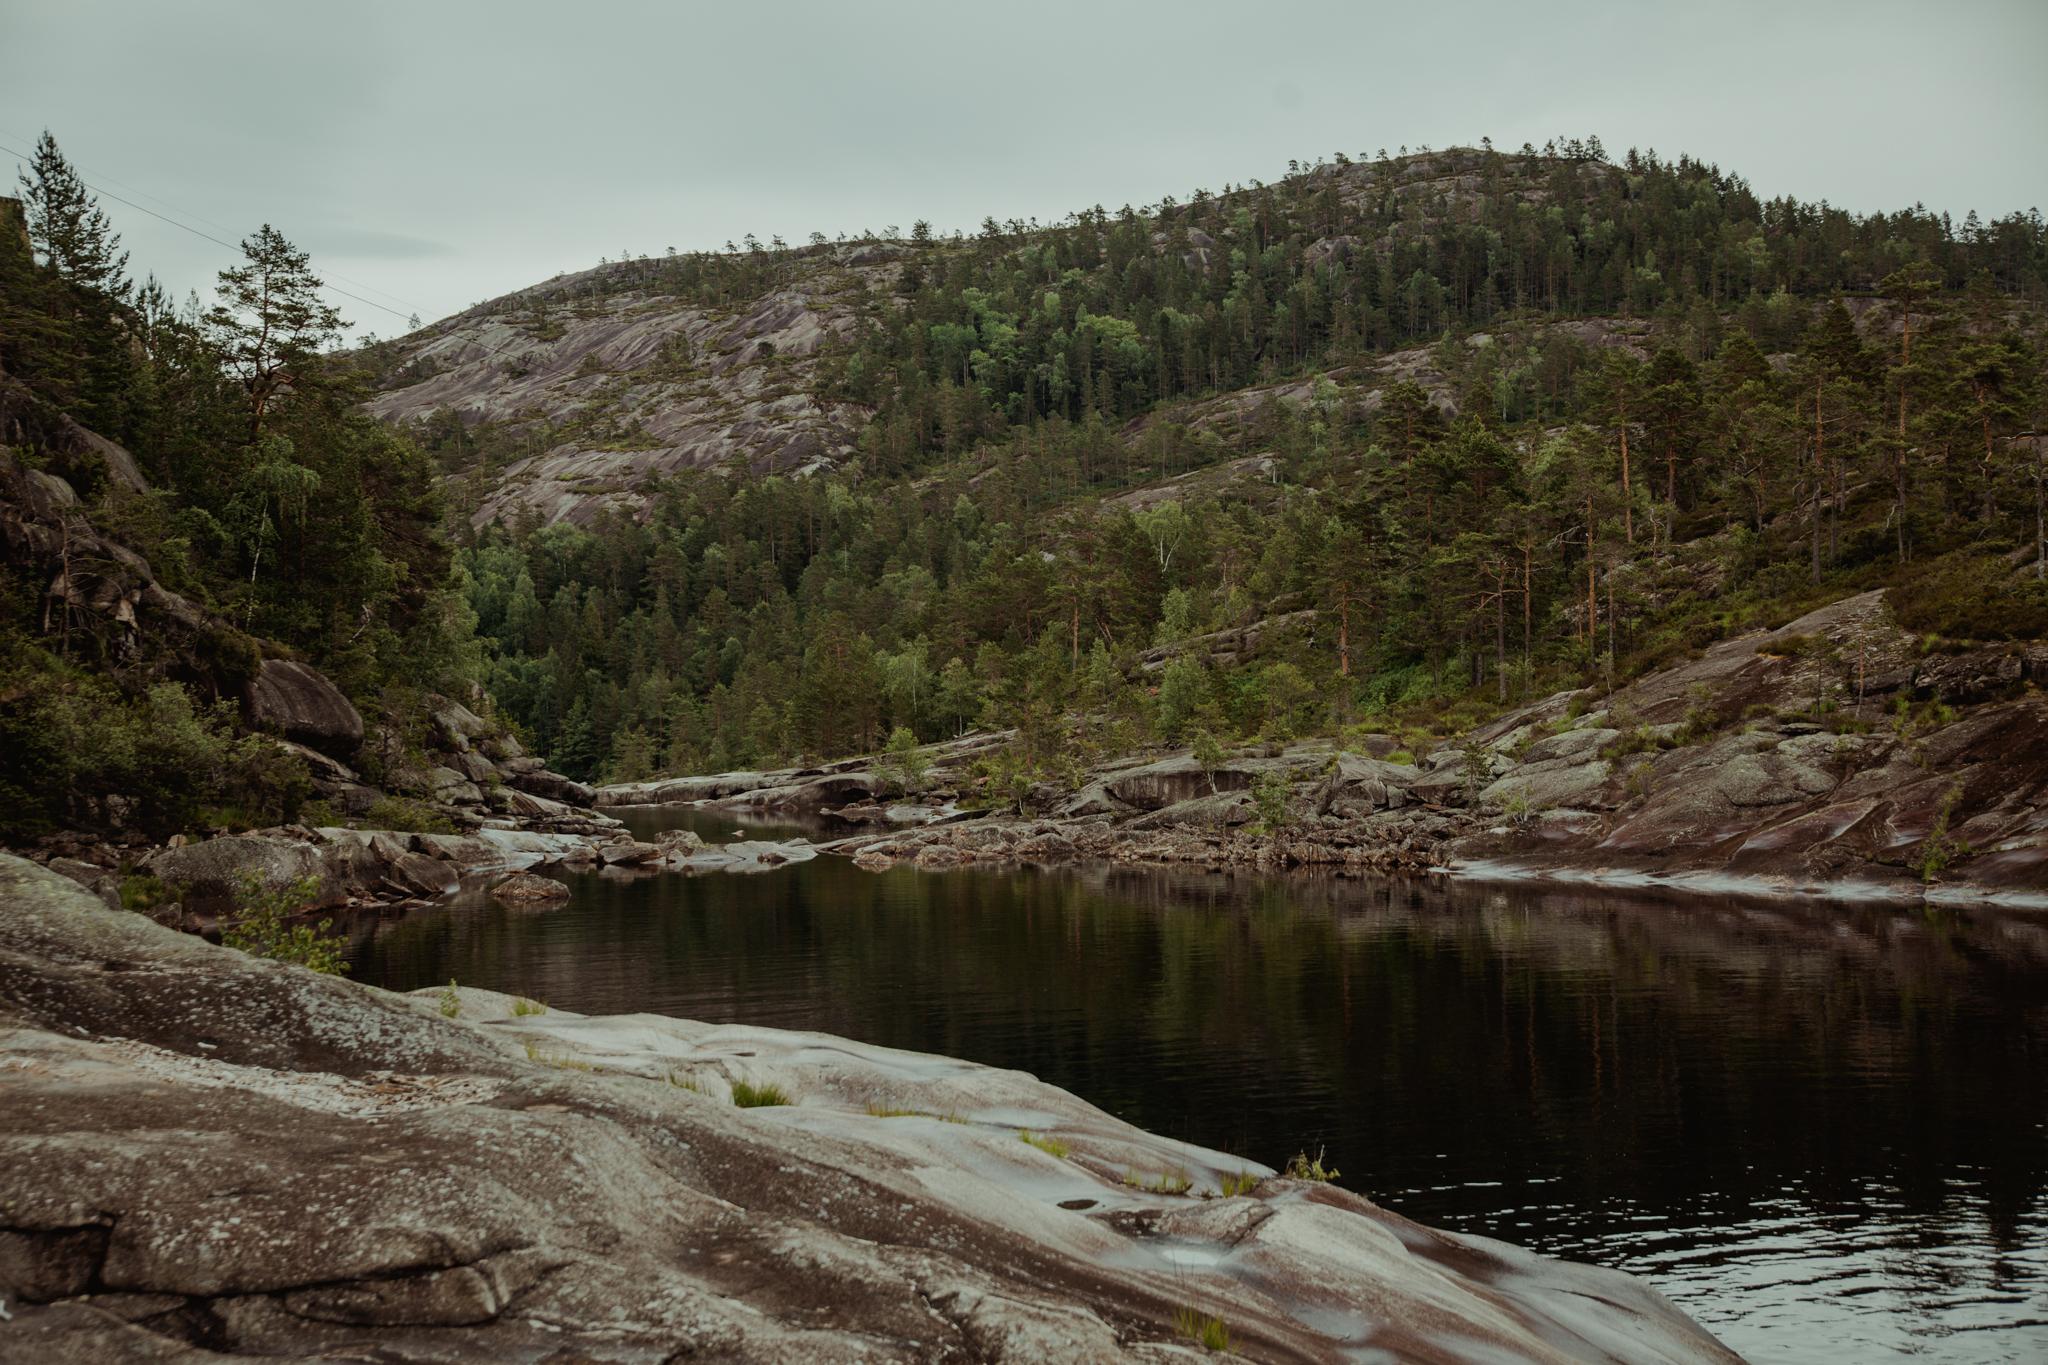 norwegia-kotły-erozyjne-jettegrytene